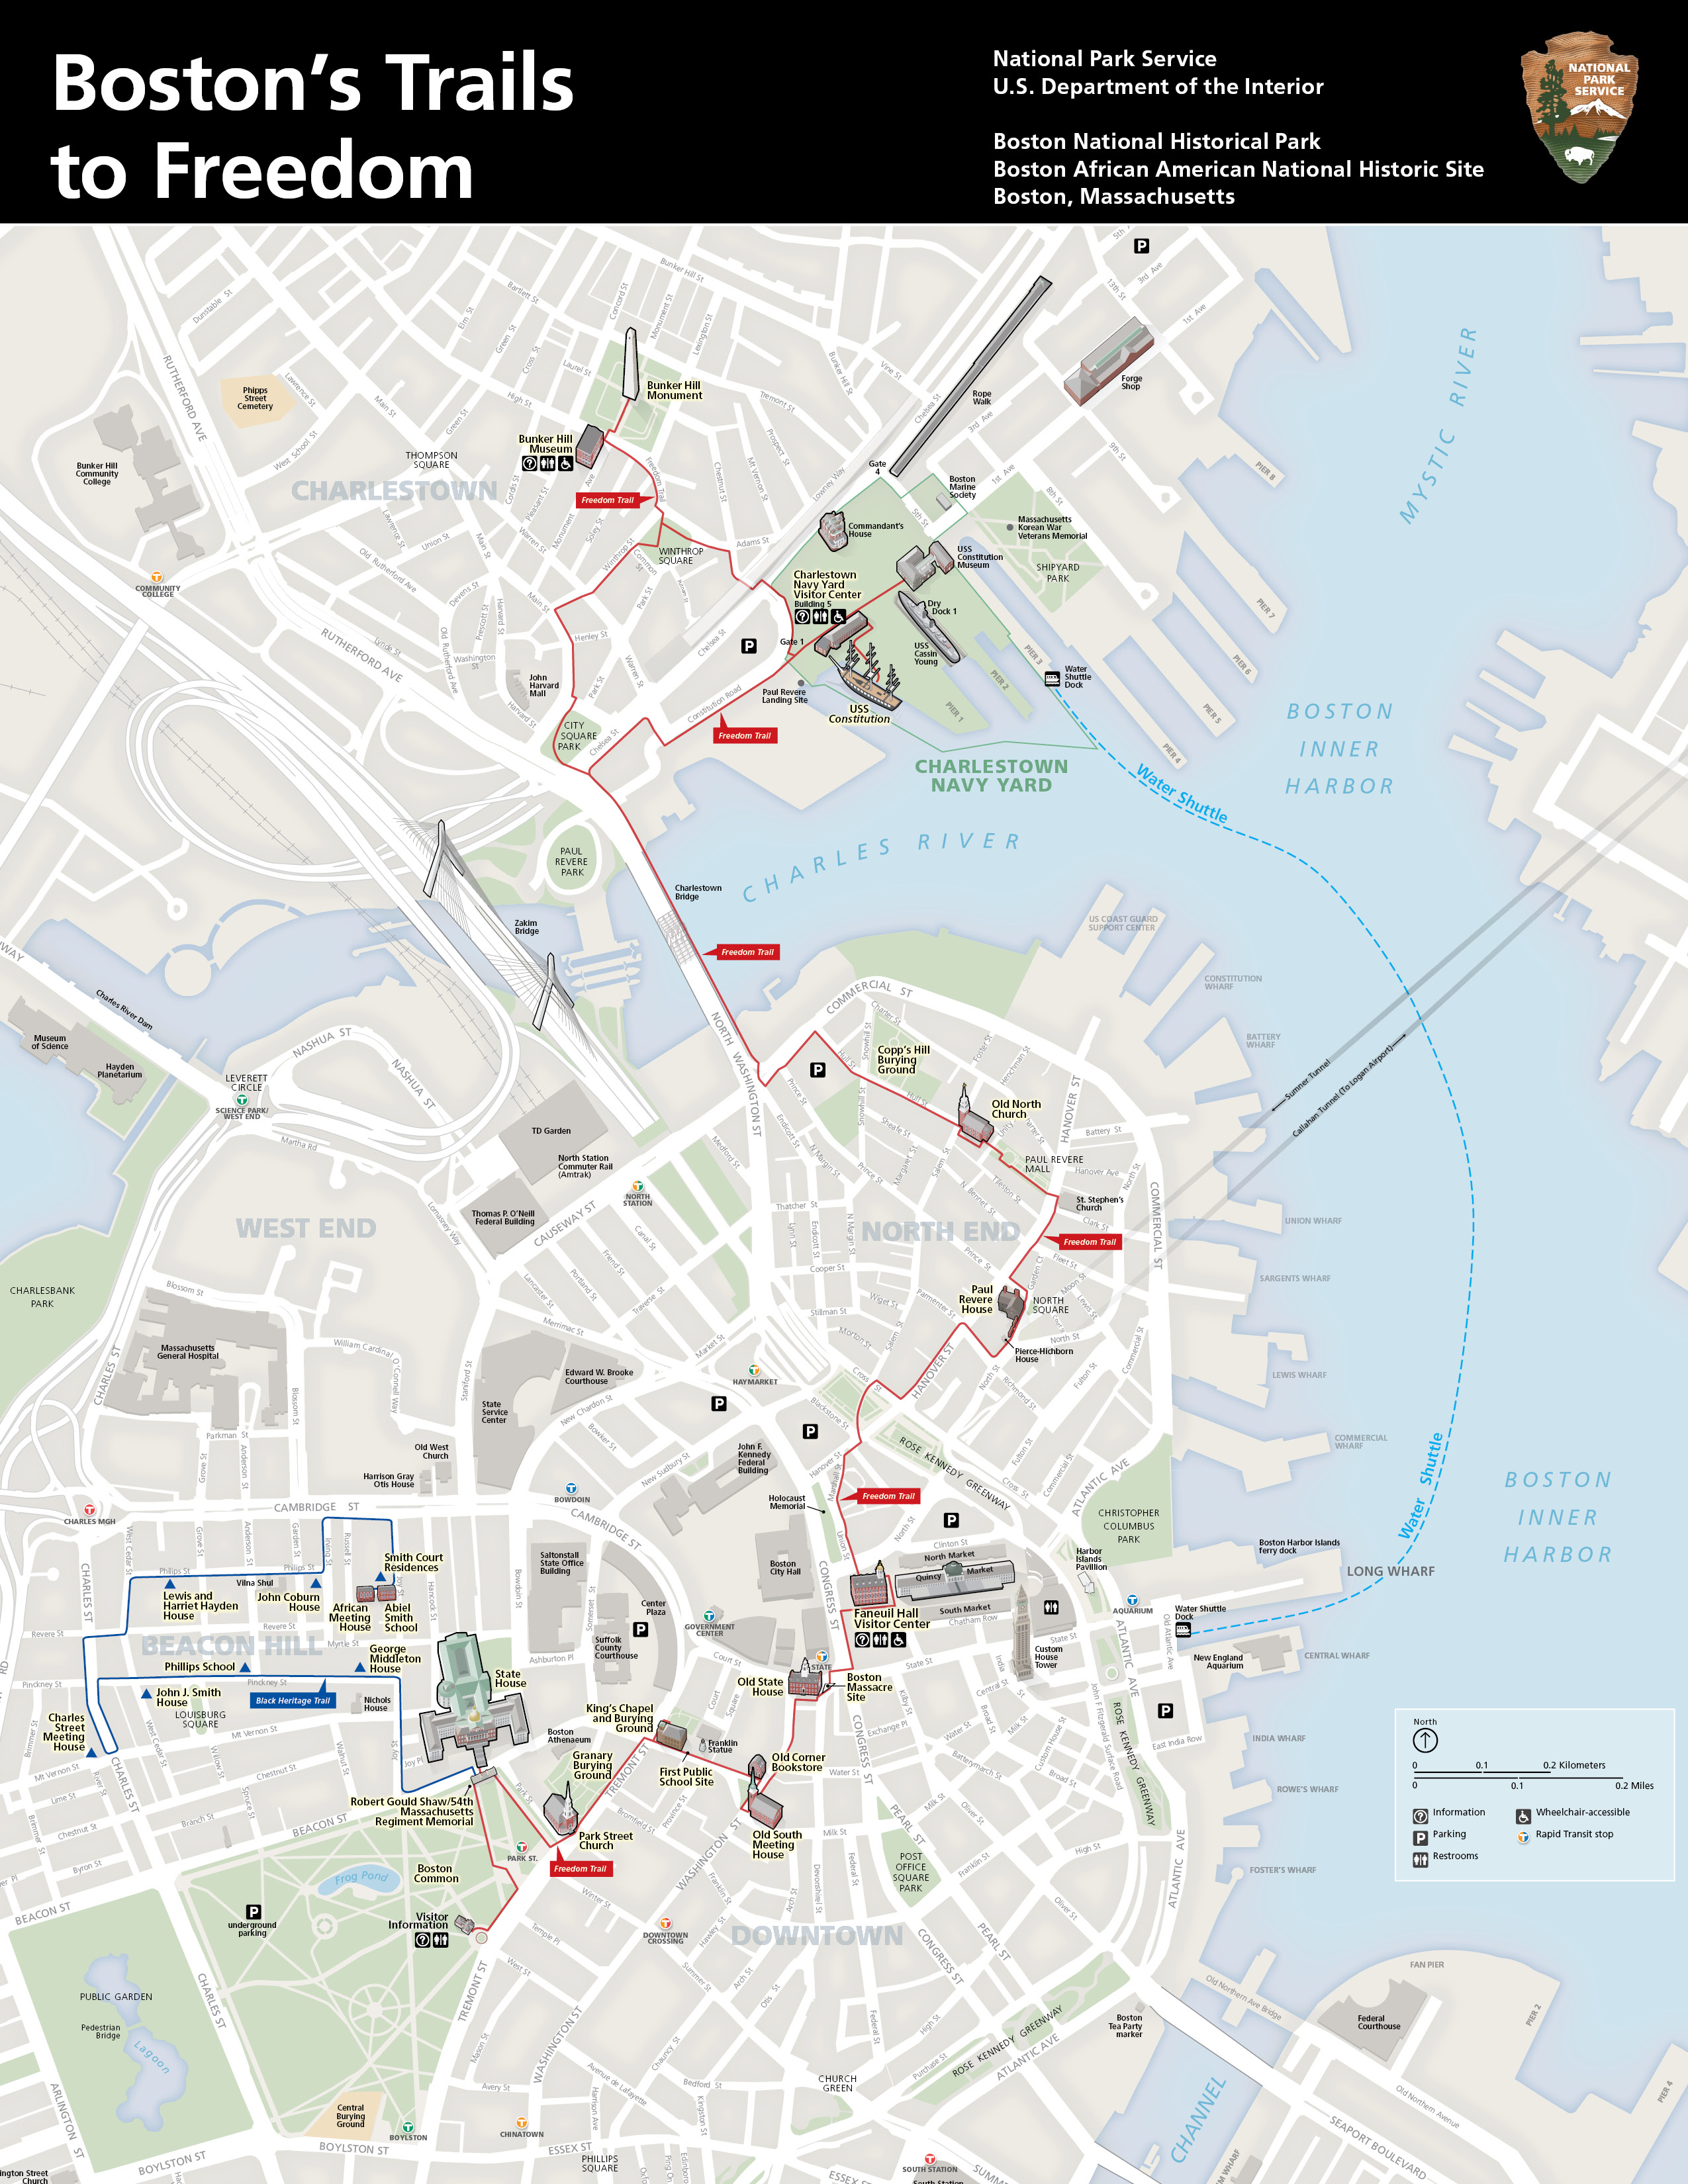 Nps boston app gosboston boston trail map gumiabroncs Choice Image